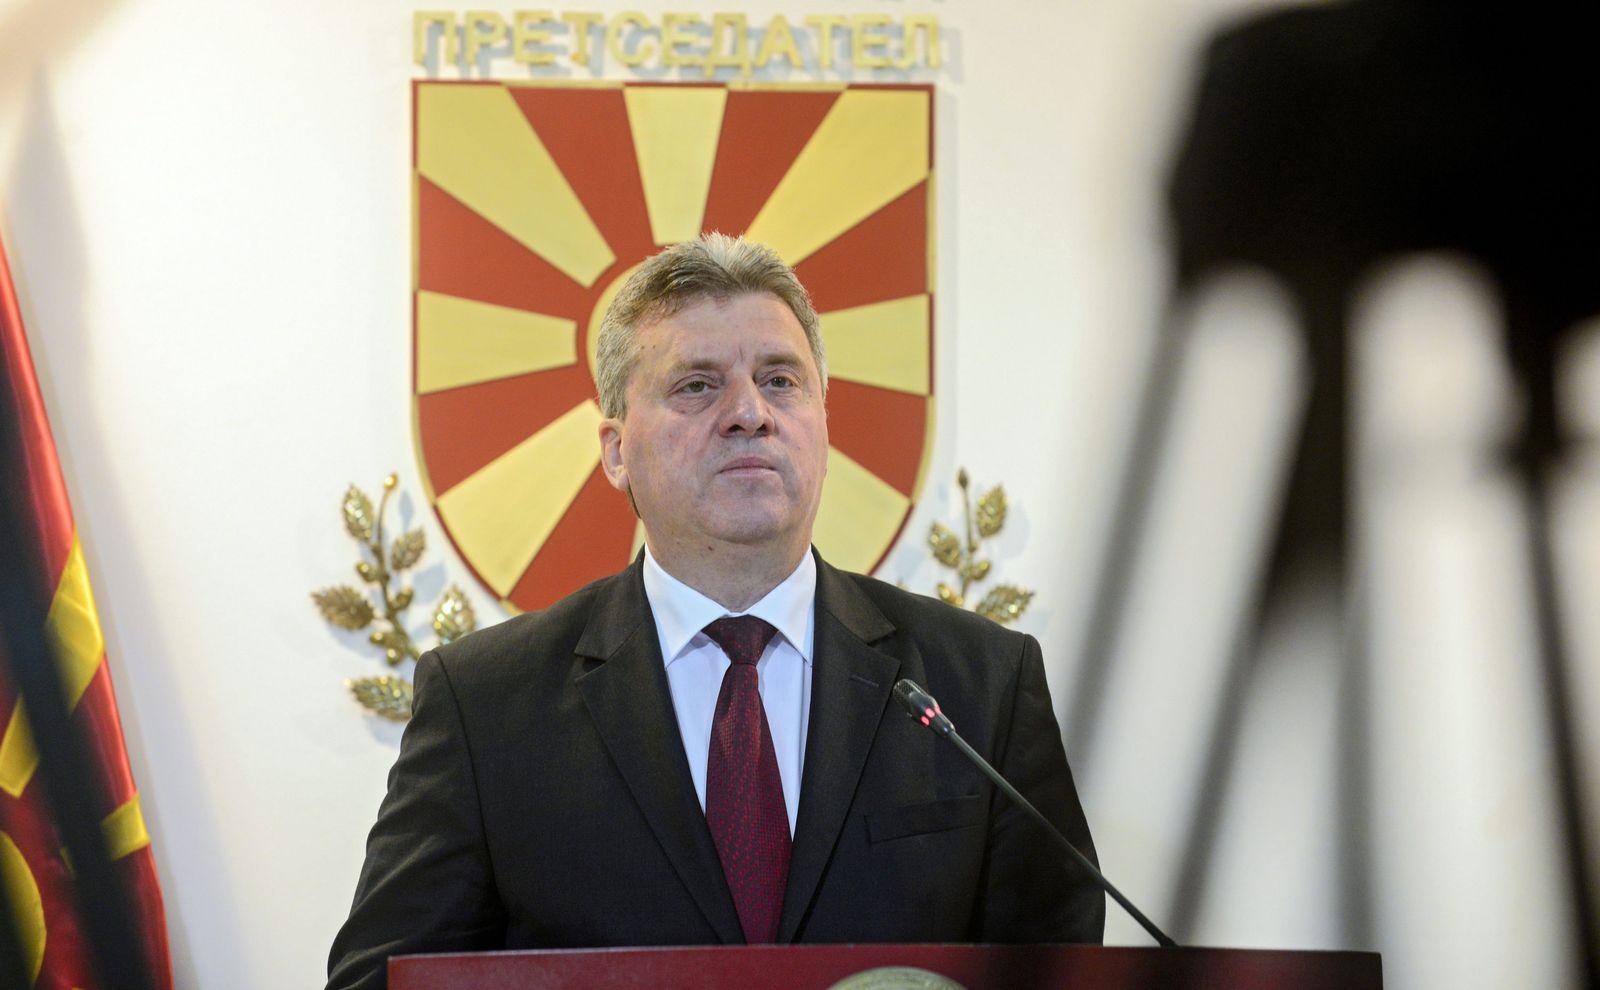 Krisenstaat/ Mazedonien/ Gjorge Ivanov